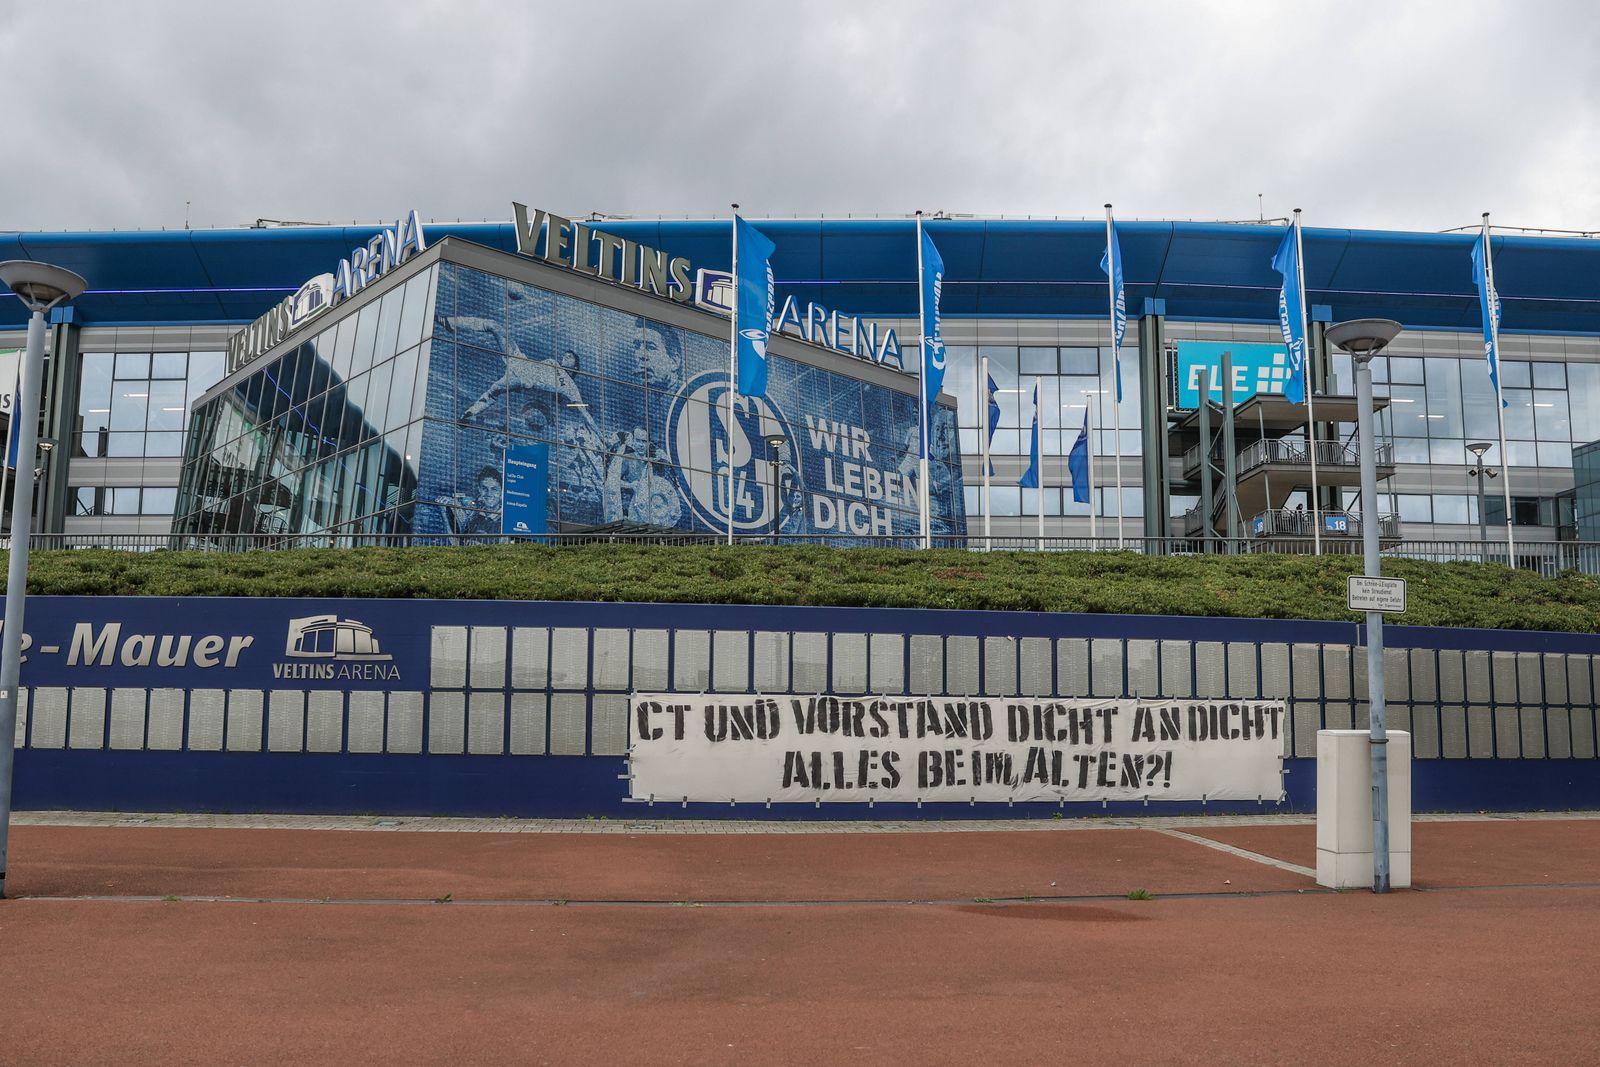 26.09.2020, Fussball, Saison 2020/2021, 1. Bundesliga, FC Schalke 04 - SV Werder Bremen, Plakat der Fans des FC Schalke